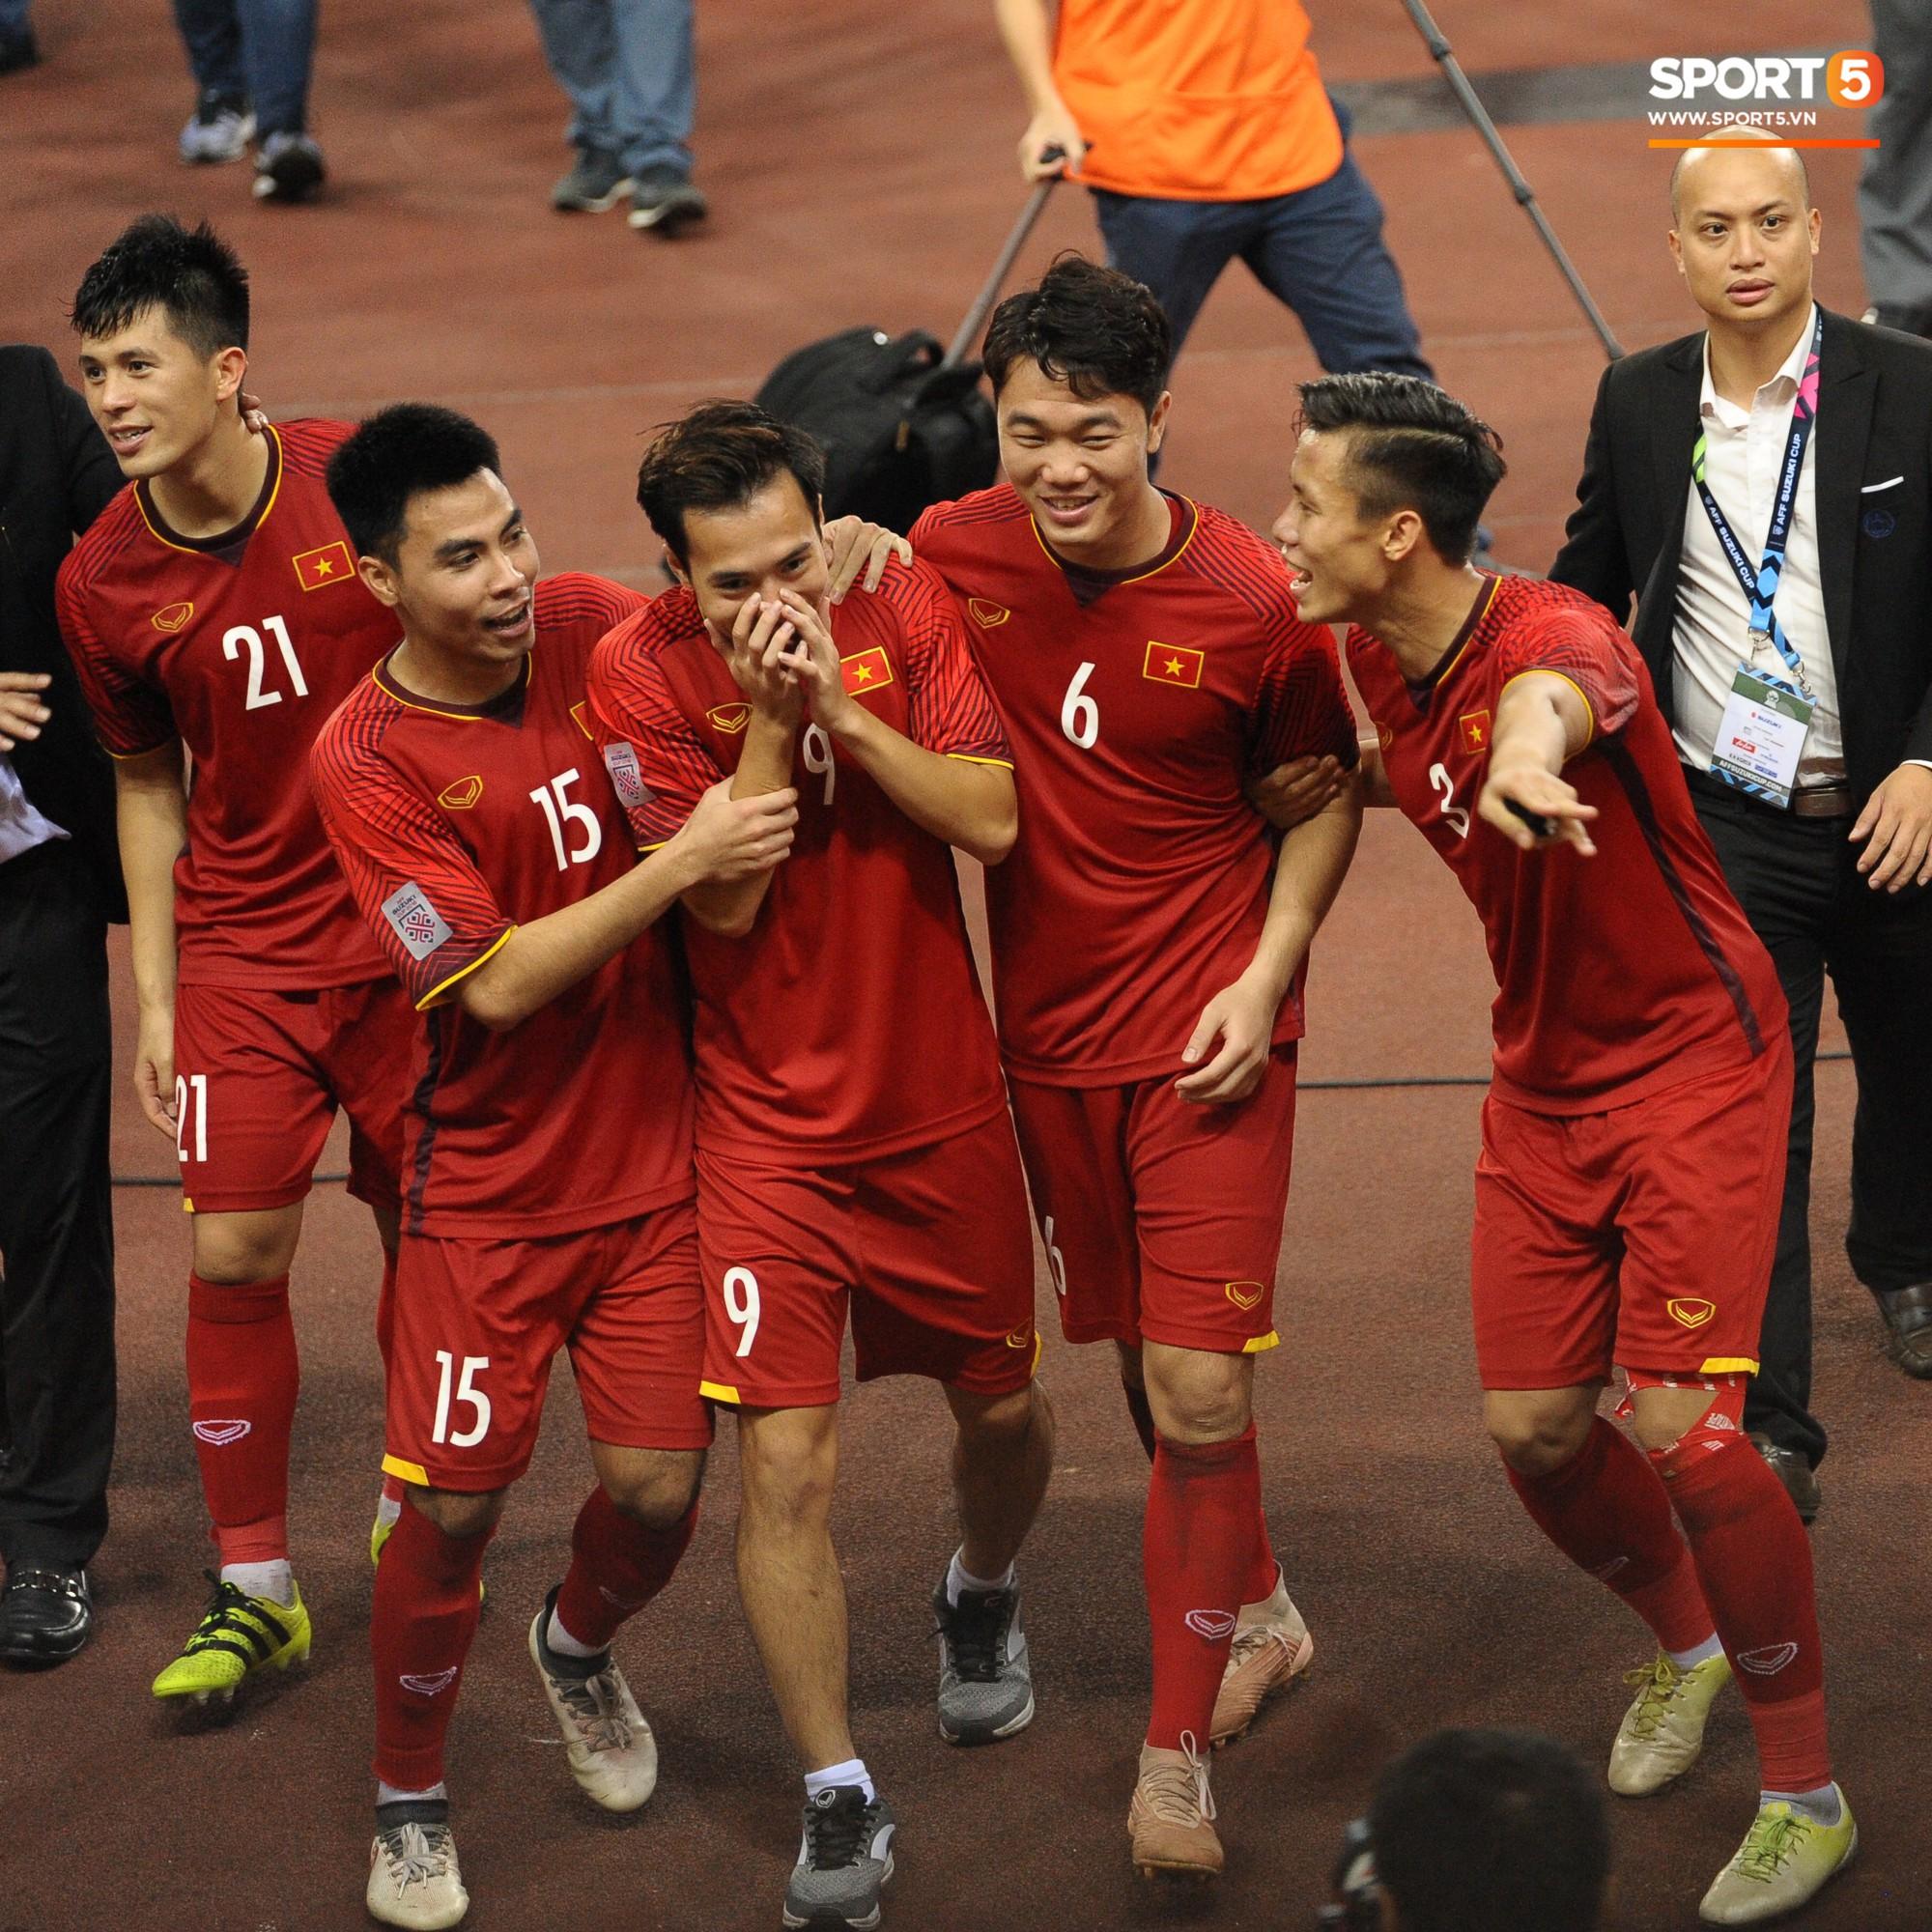 Xuân Trường, Văn Toàn check-in cực nhắng cùng hội anh em cây khế sau trận thắng Philippines - Ảnh 3.